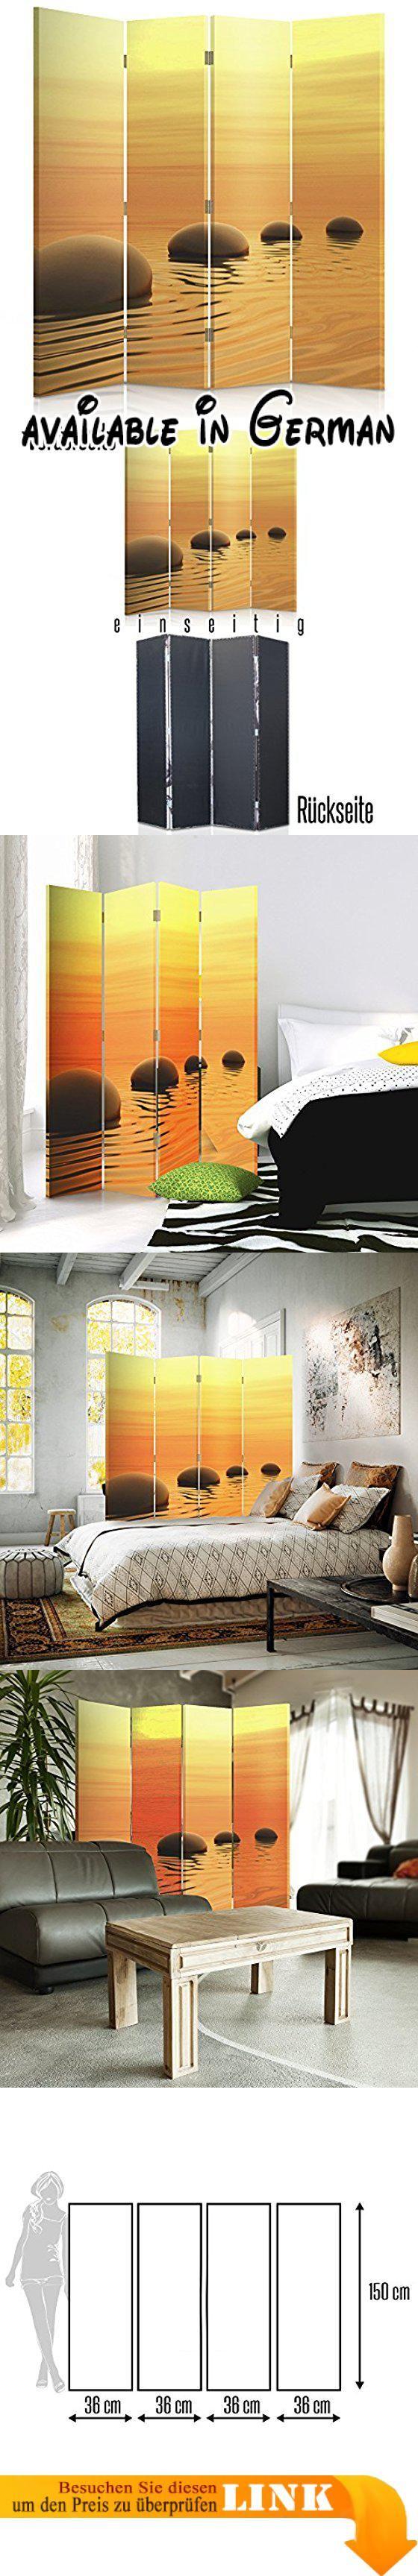 B06X3SYBH4 Feeby Frames Raumteiler Gedruckten auf Canvas Leinwand Wandschirme dekorative Trennwand Paravent einseitig 4